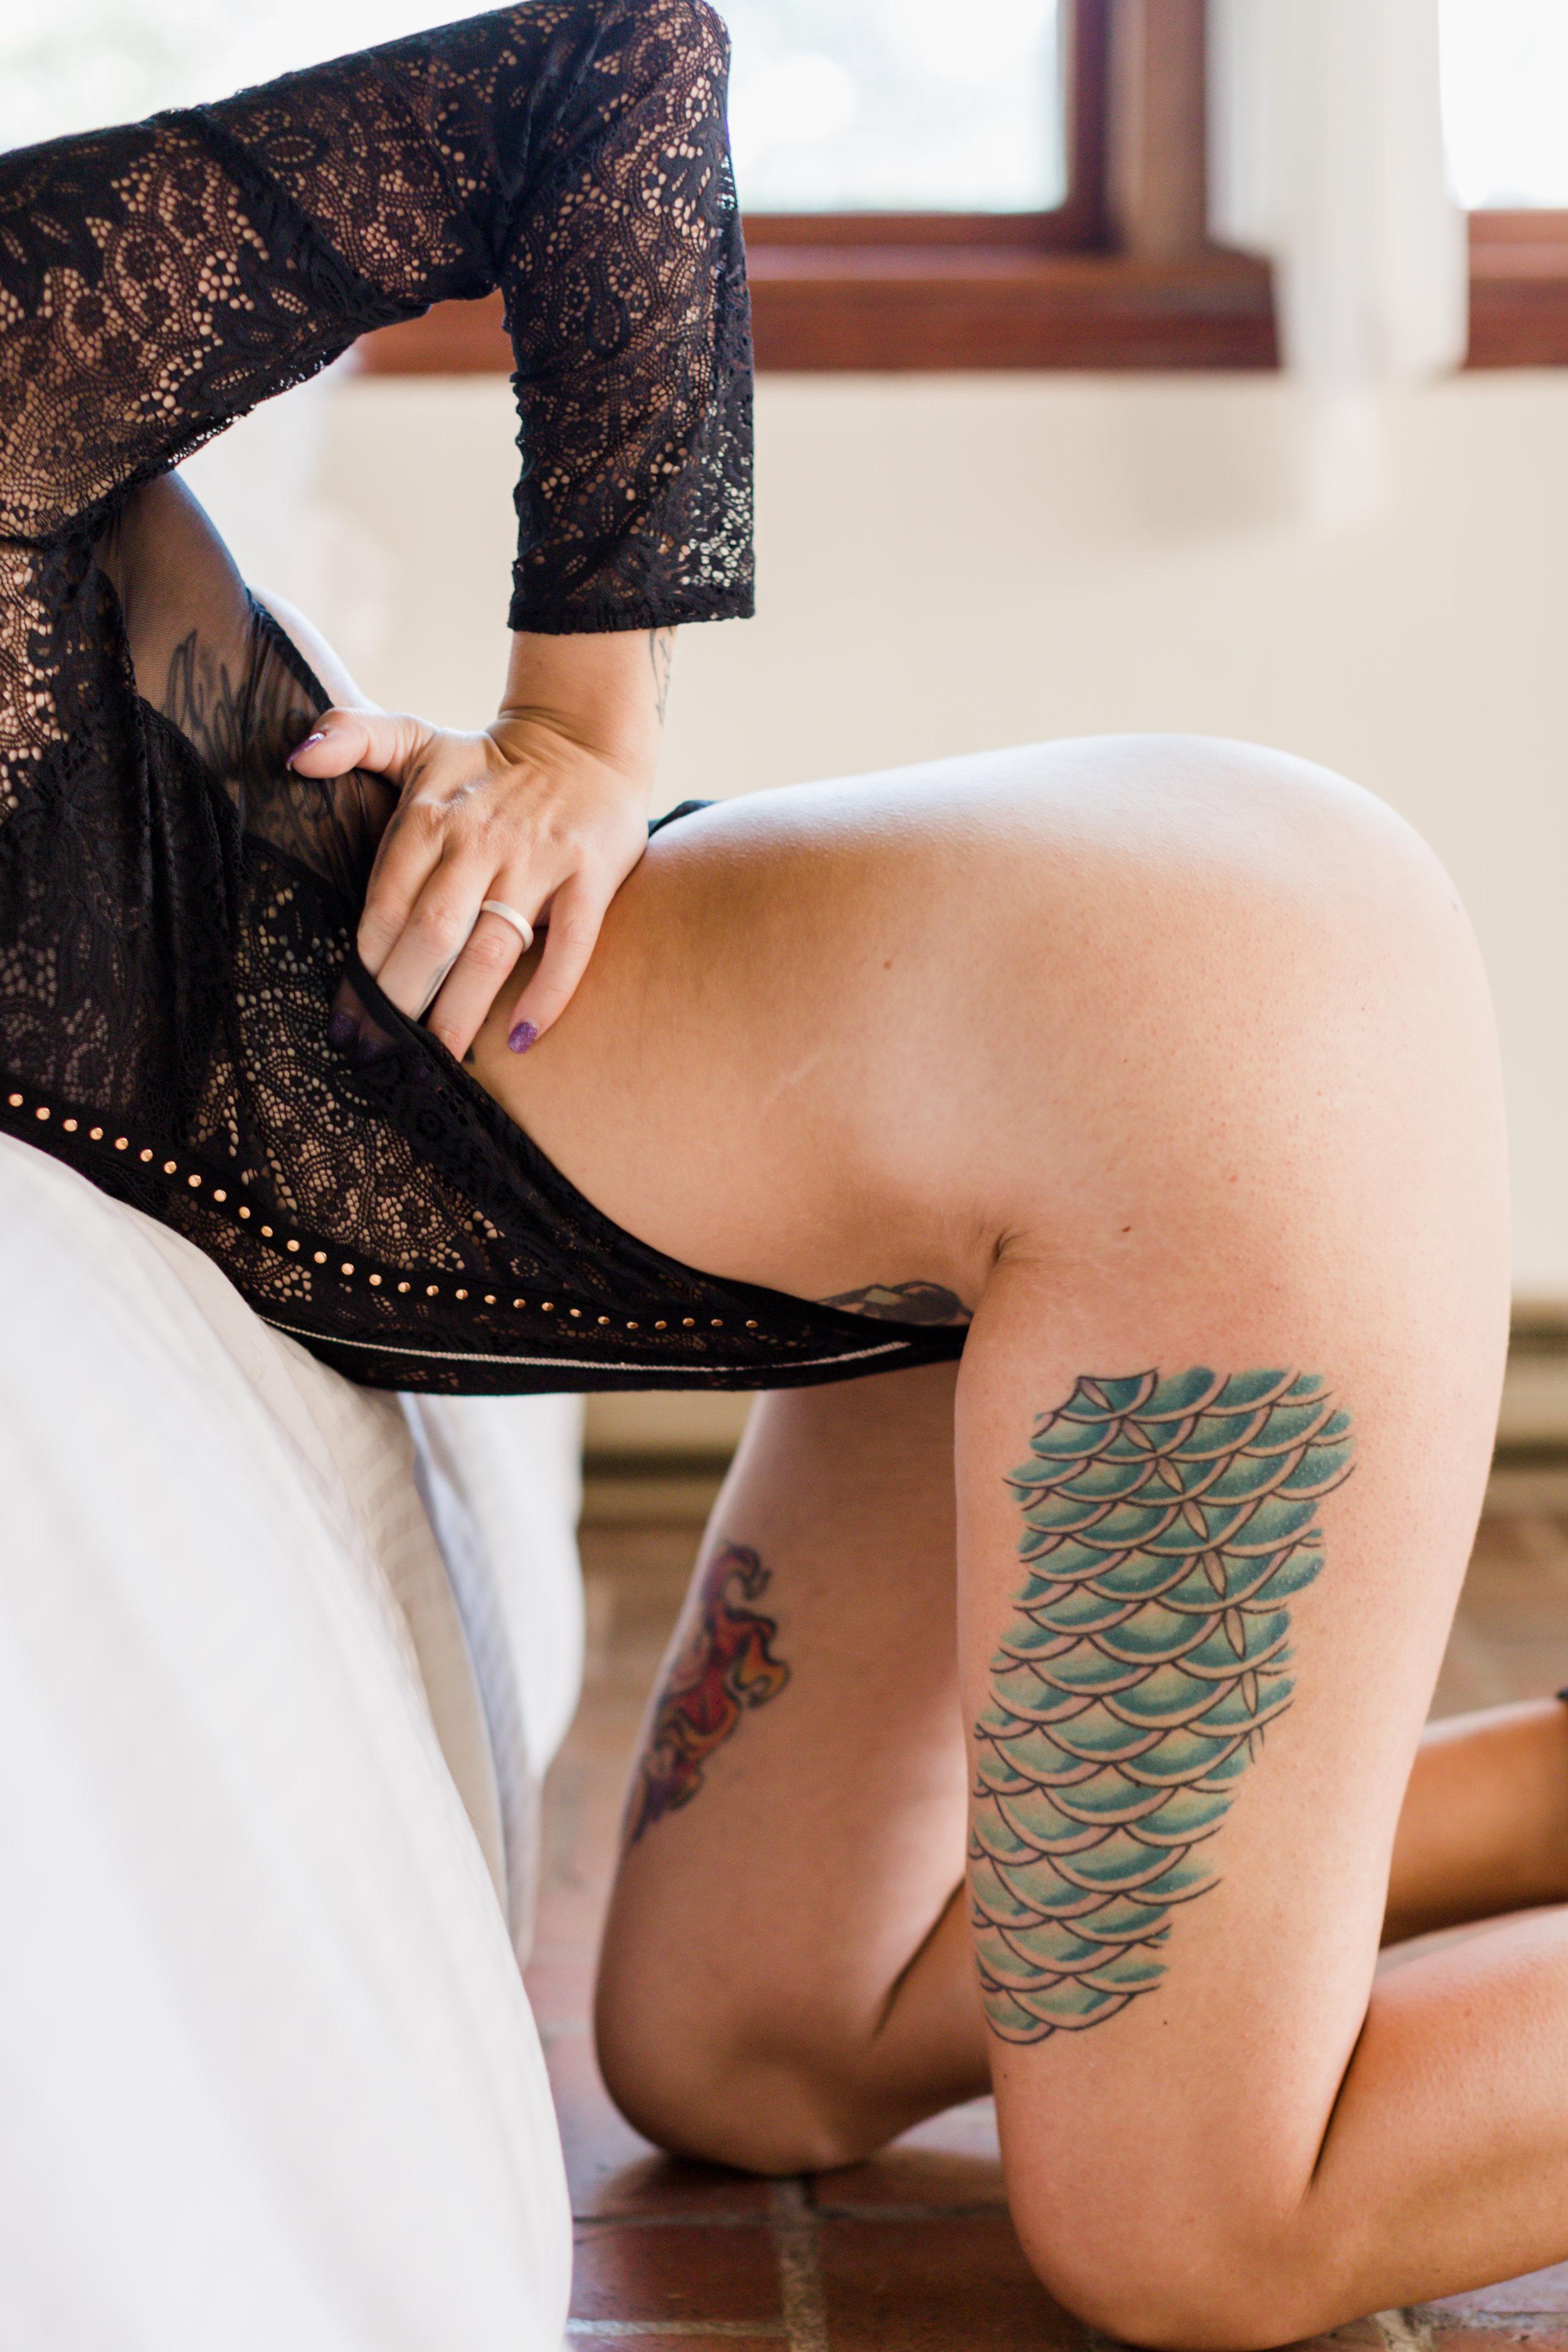 Body Positive Boudoir - Tattoos - Myrtle Beach 9